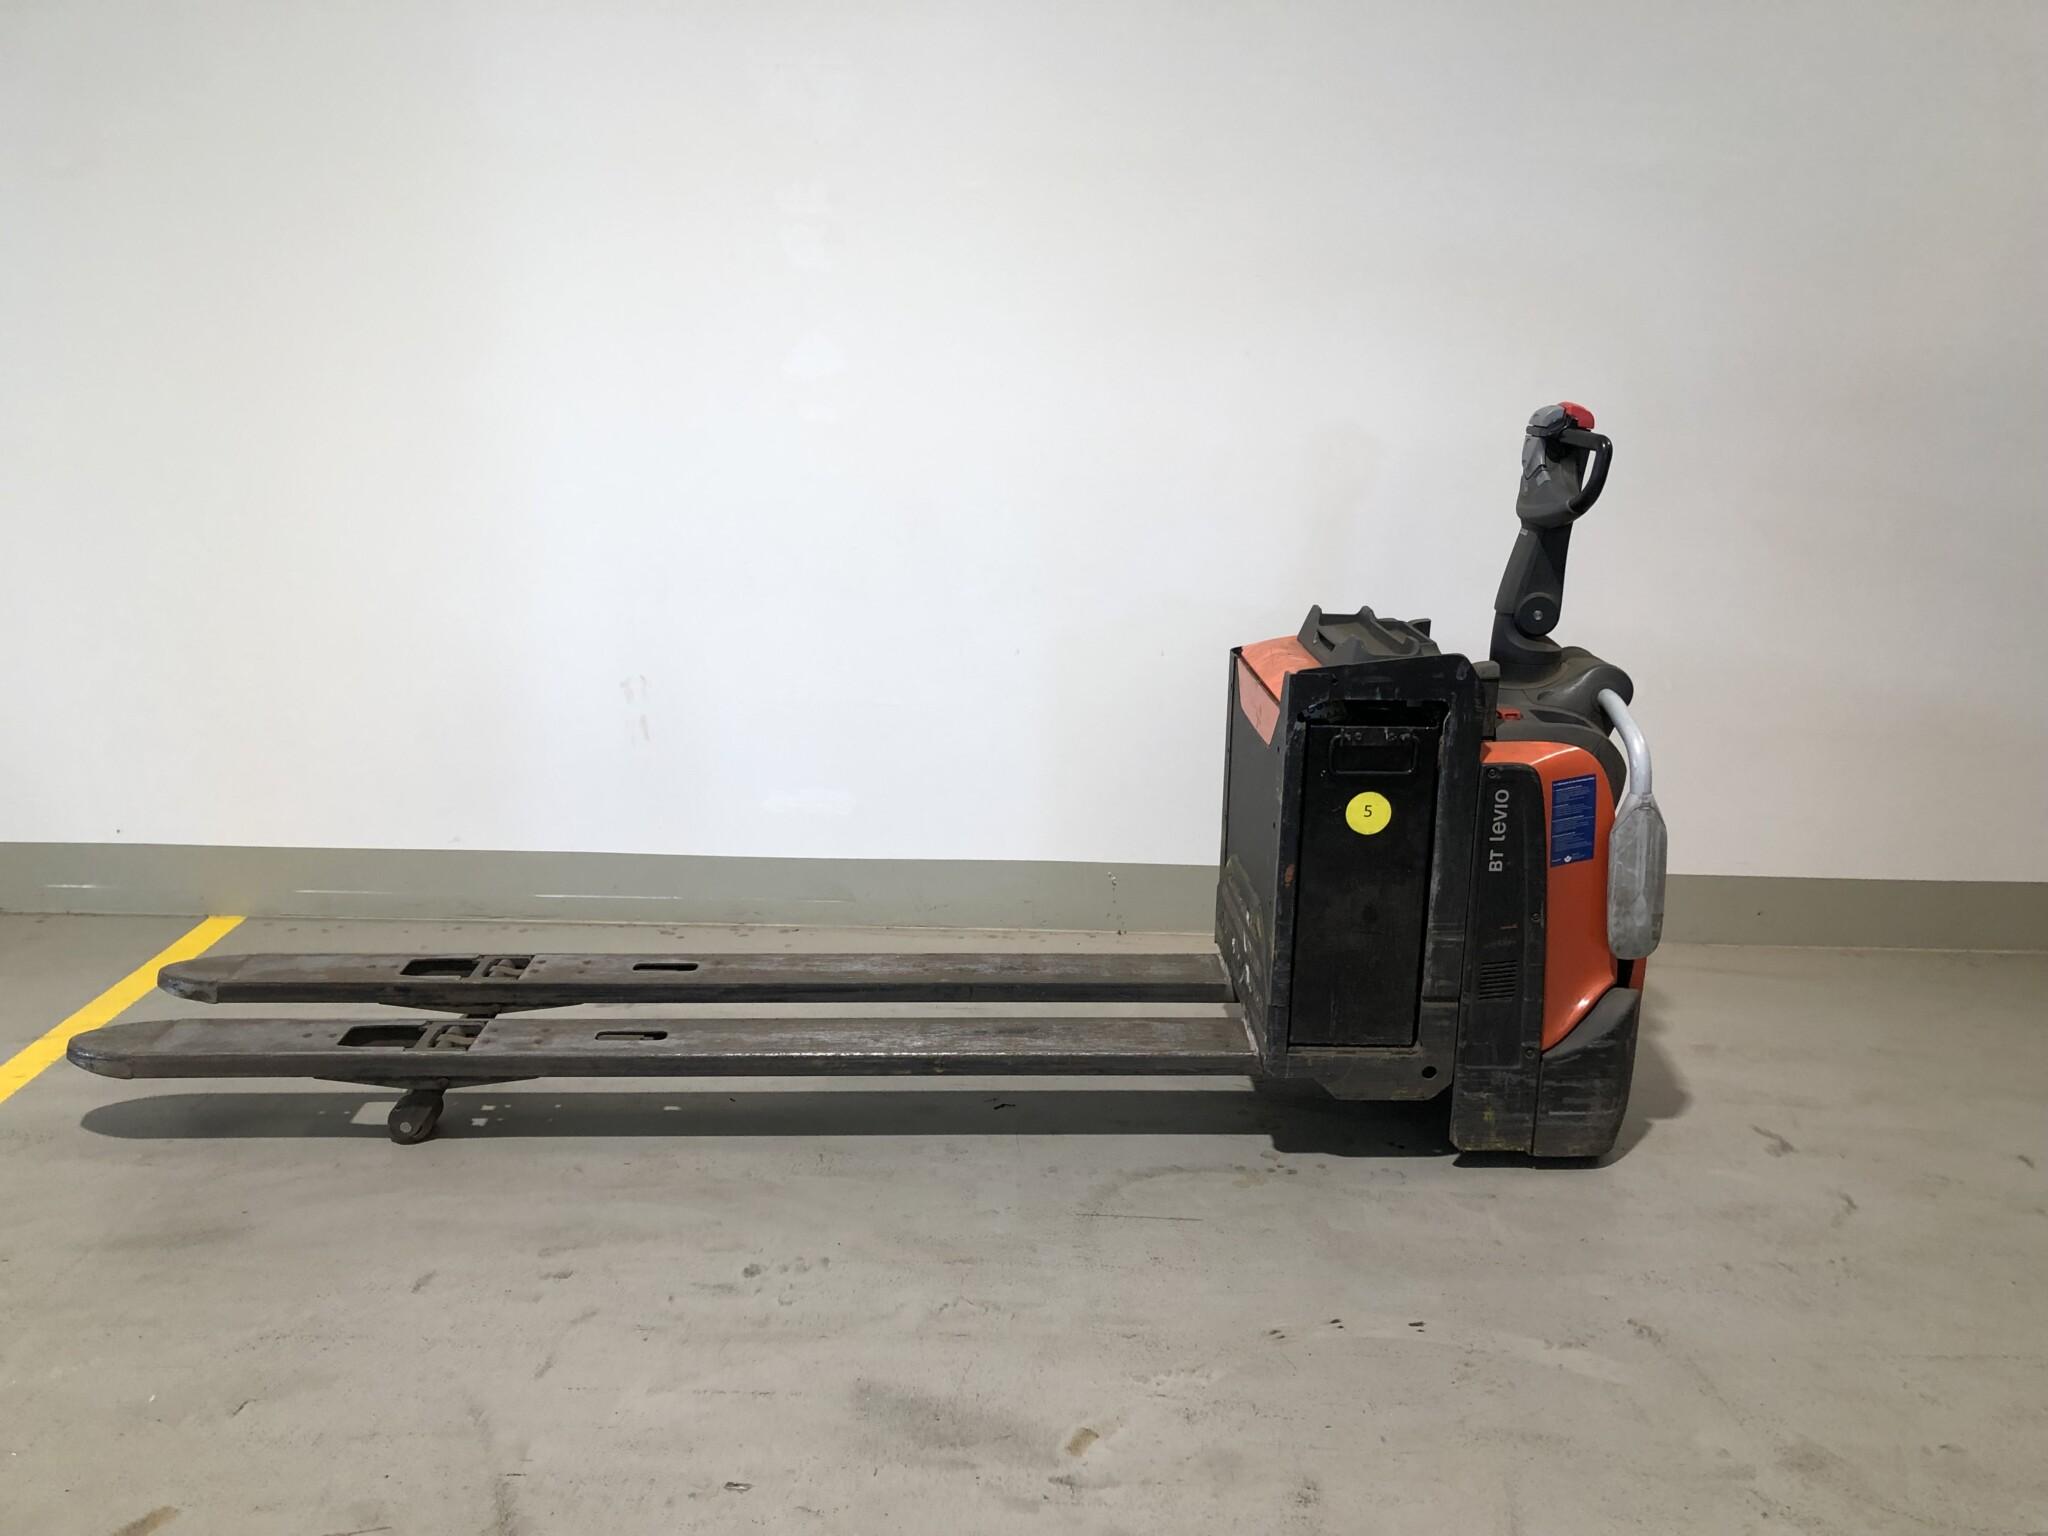 Toyota-Gabelstapler-59840 1512008129 1 scaled